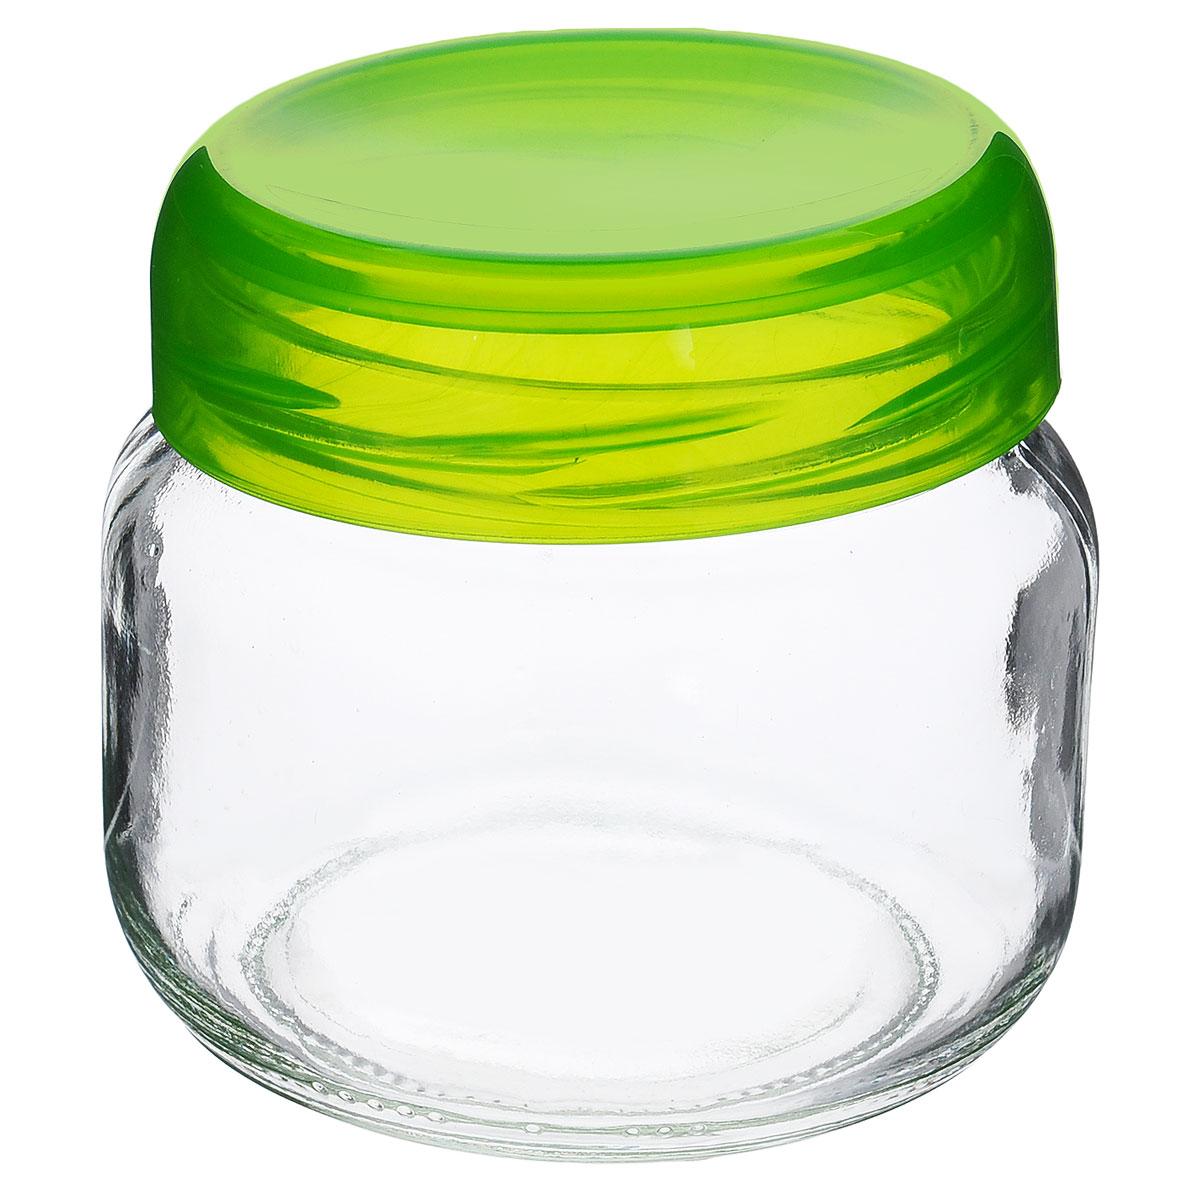 Банка для сыпучих продуктов Renga, цвет: салатовый, 400 мл131750Банка для сыпучих продуктов Renga изготовлена из прочного стекла. Банка оснащена плотно закрывающейся пластиковой крышкой с термоусадкой. Благодаря этому внутри сохраняется герметичность, и продукты дольше остаются свежими. Изделие предназначено для хранения различных сыпучих продуктов: круп, чая, сахара, орехов и т.д. Функциональная и вместительная, такая банка станет незаменимым аксессуаром на любой кухне. Можно мыть в посудомоечной машине.